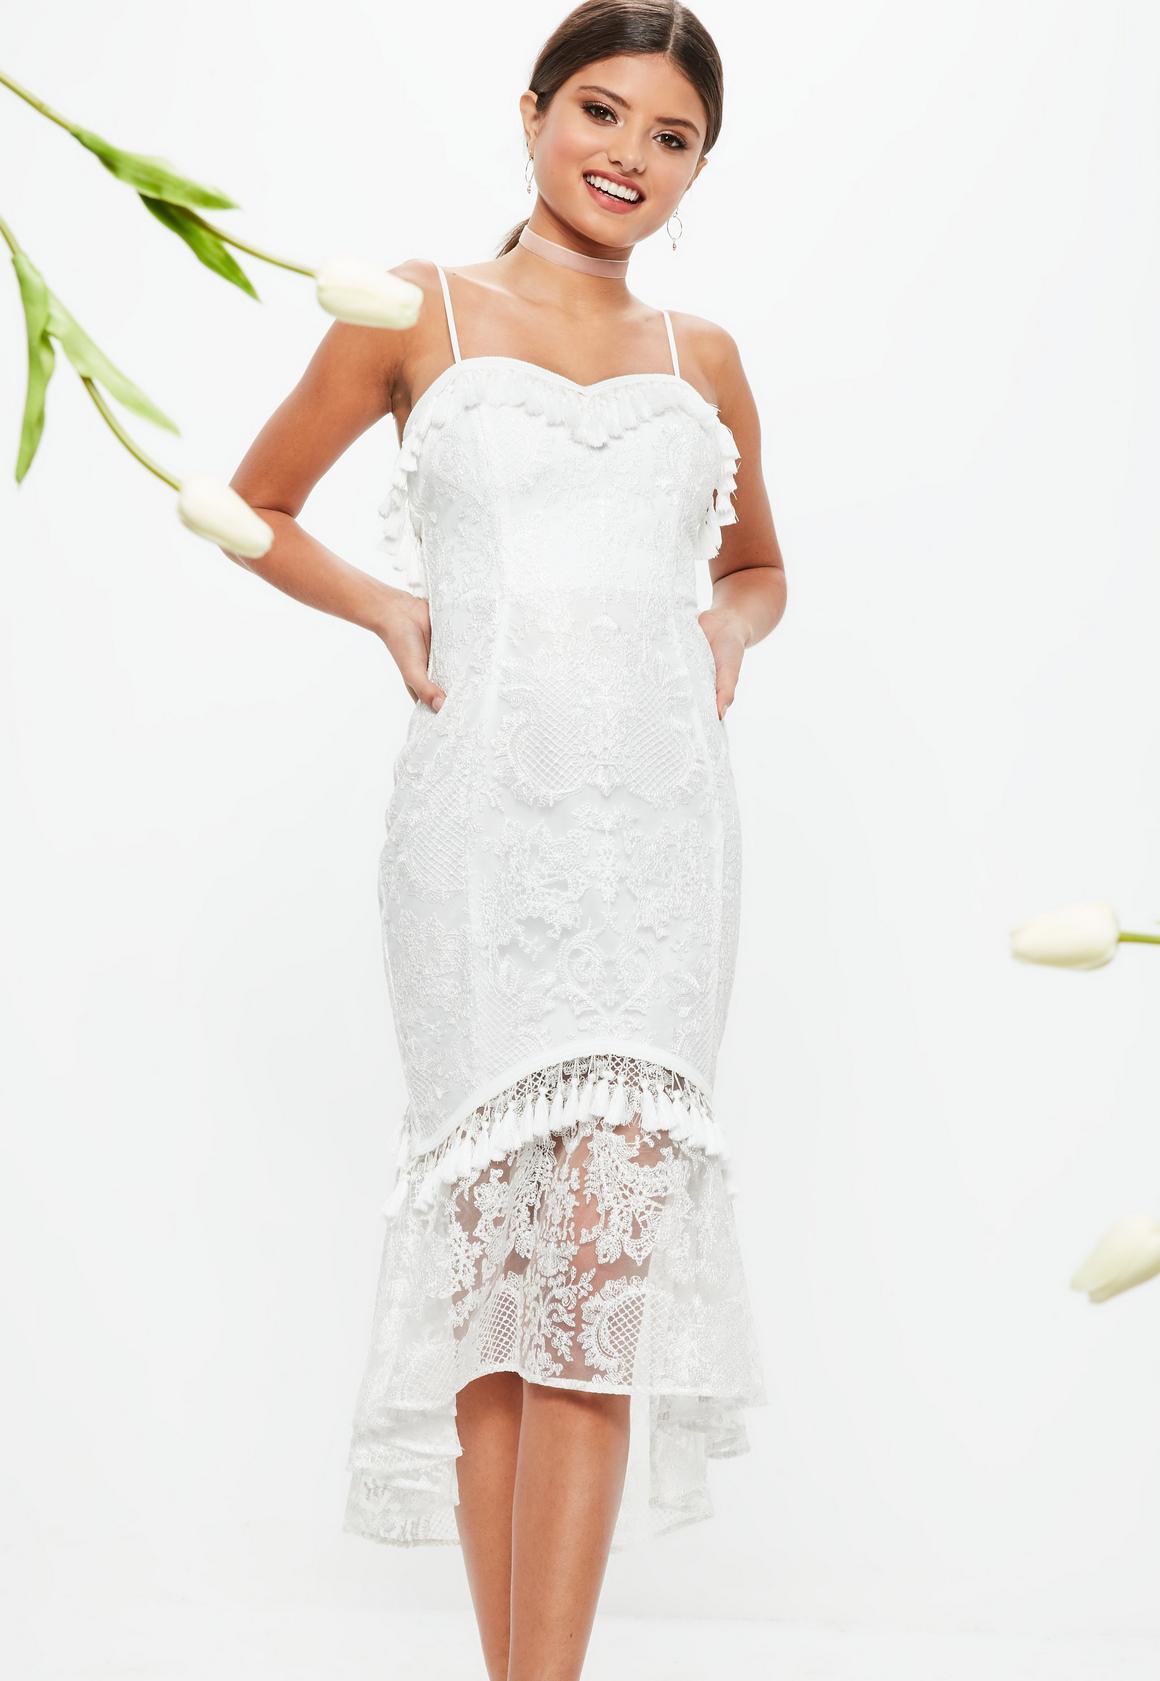 Weißes Midi-Hochzeitskleid aus Spitze | Missguided